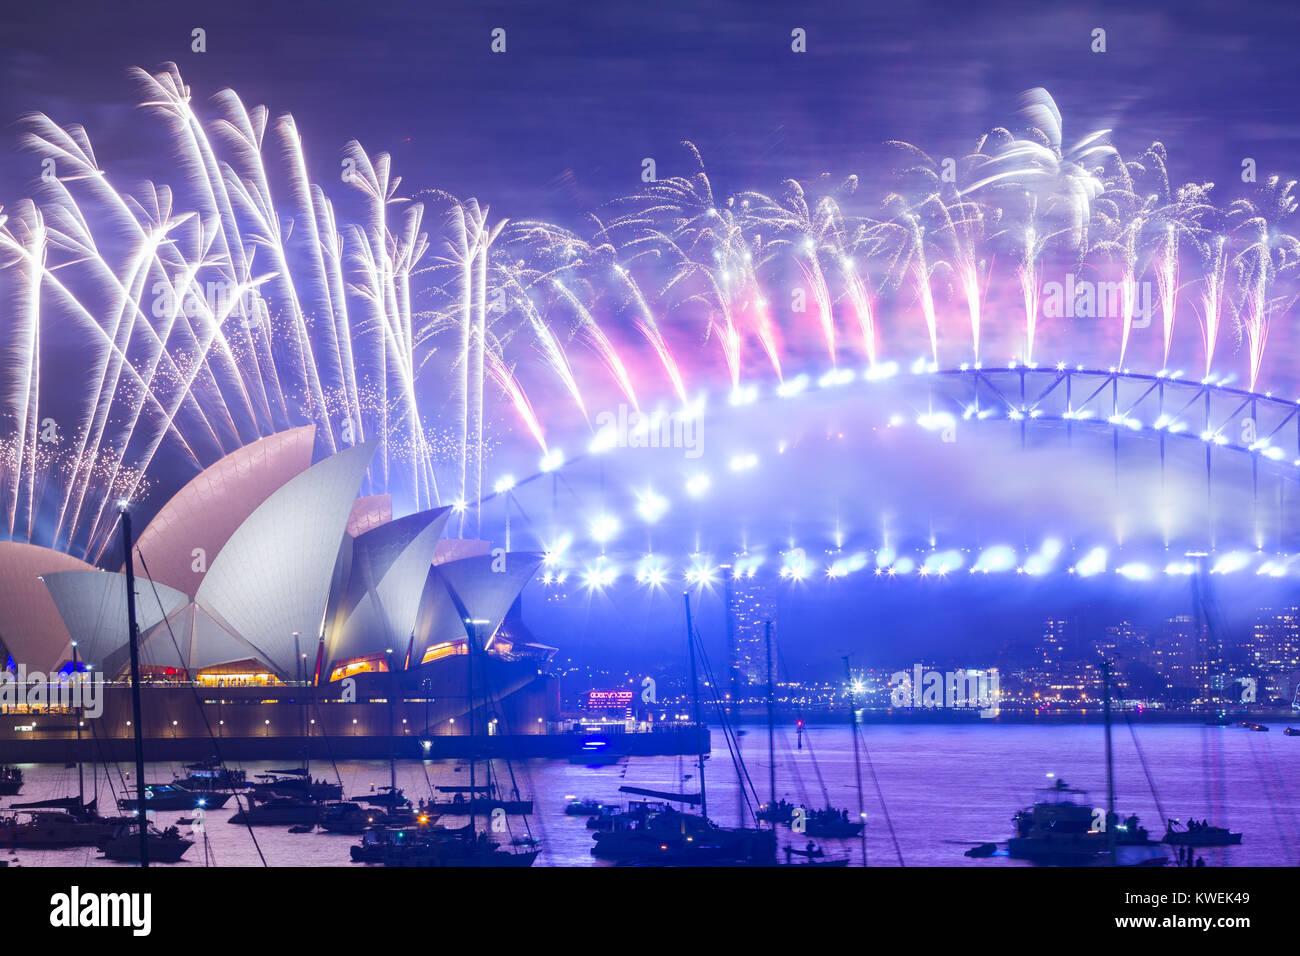 L Australia celebra l'arrivo del 2018 con il Veglione di Capodanno fuochi d'artificio sul Porto di Sydney. Immagini Stock